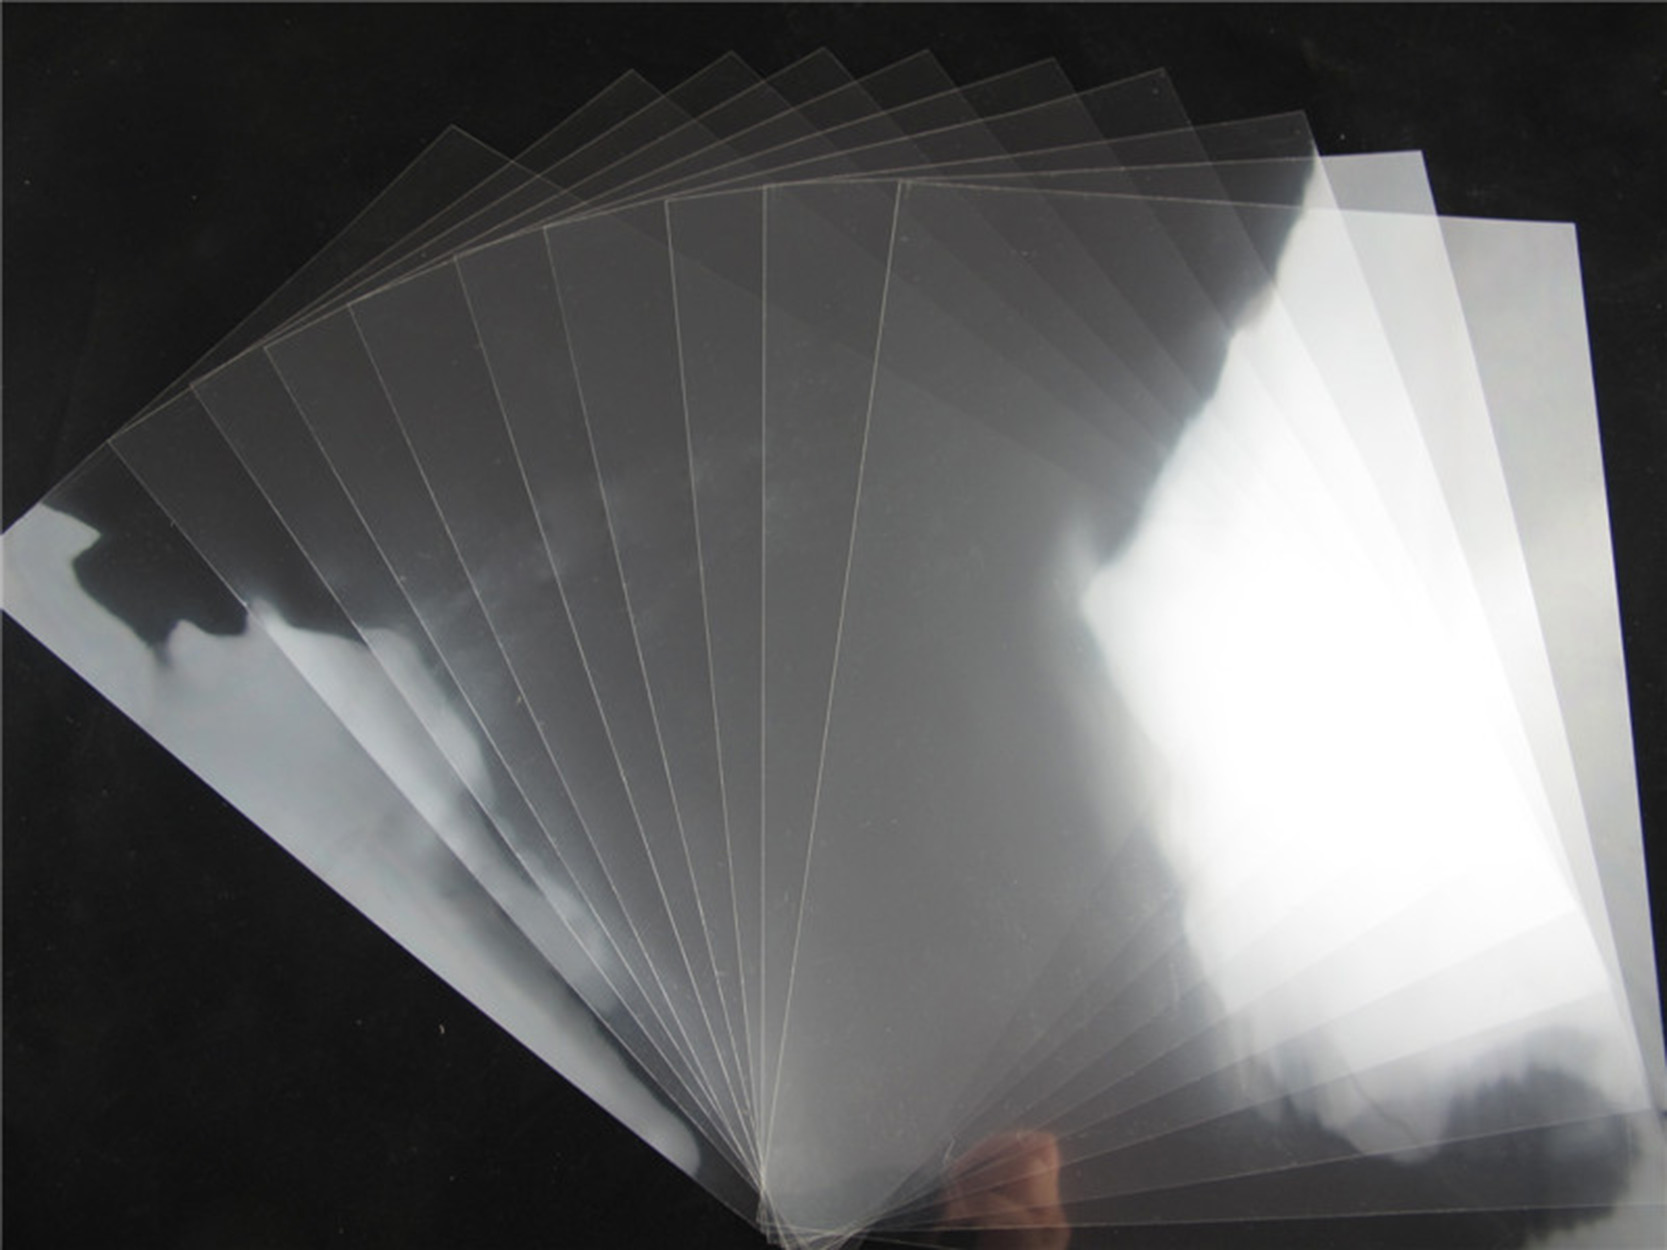 pet超透双面胶贴玻璃亚克力胸牌高清手机壳高透明无痕无影胶膜3层